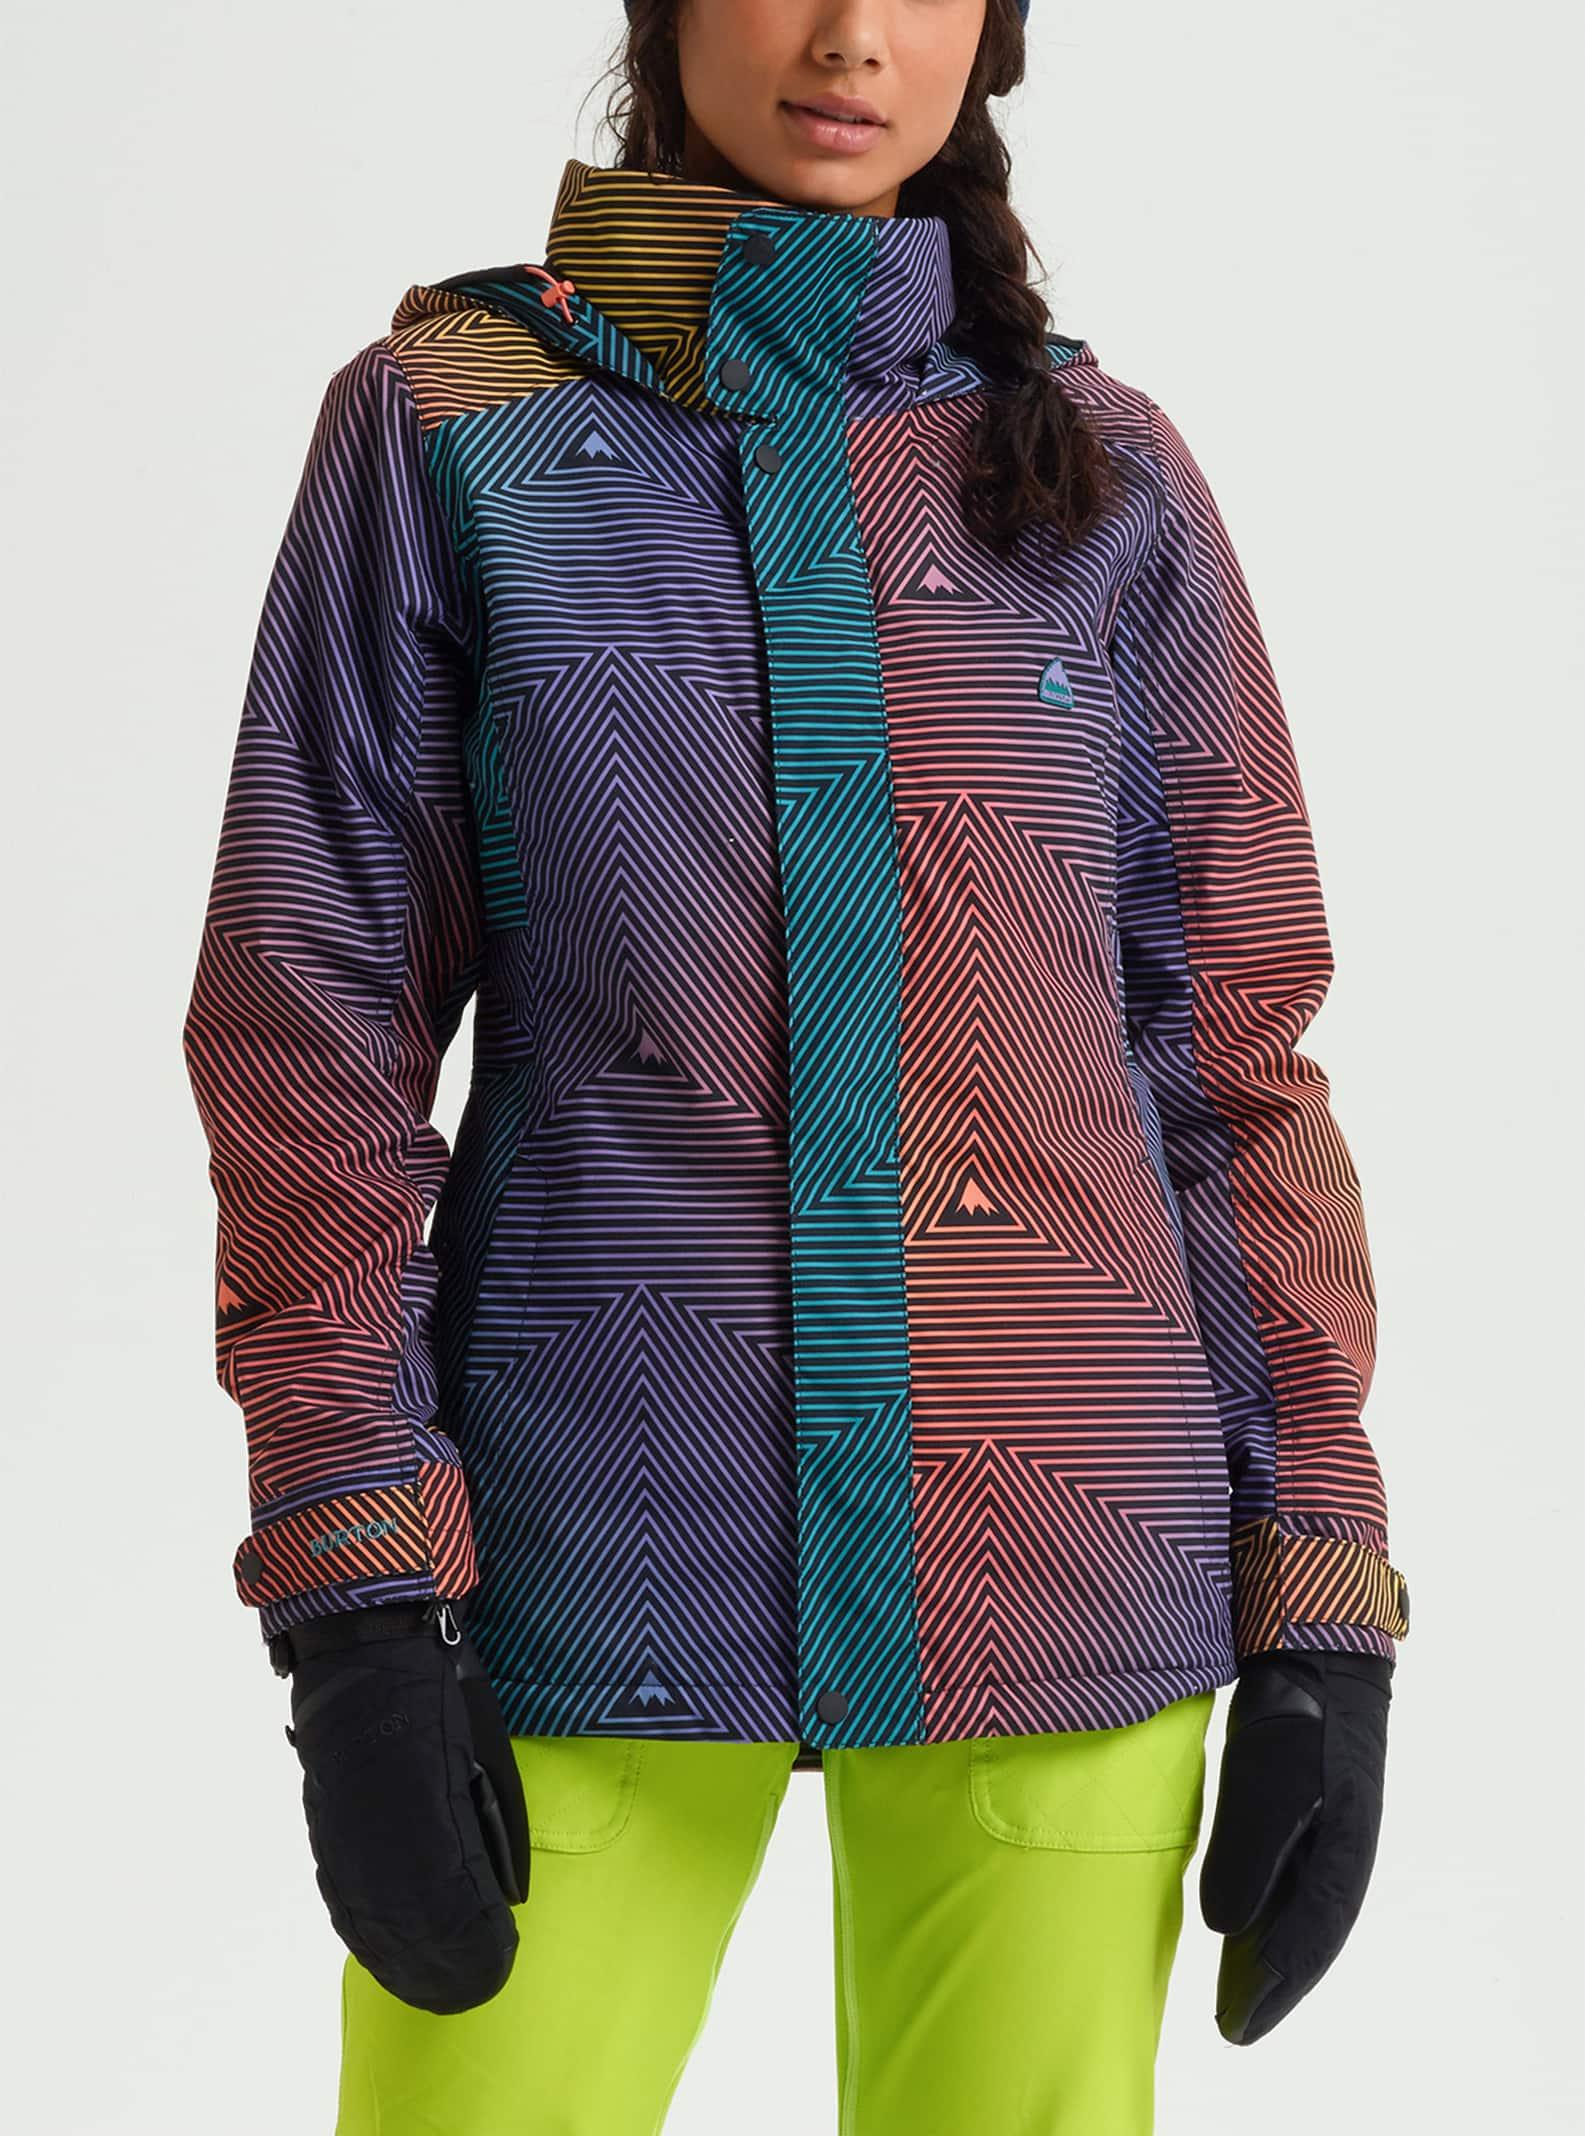 Mode veste femme hiver 2019